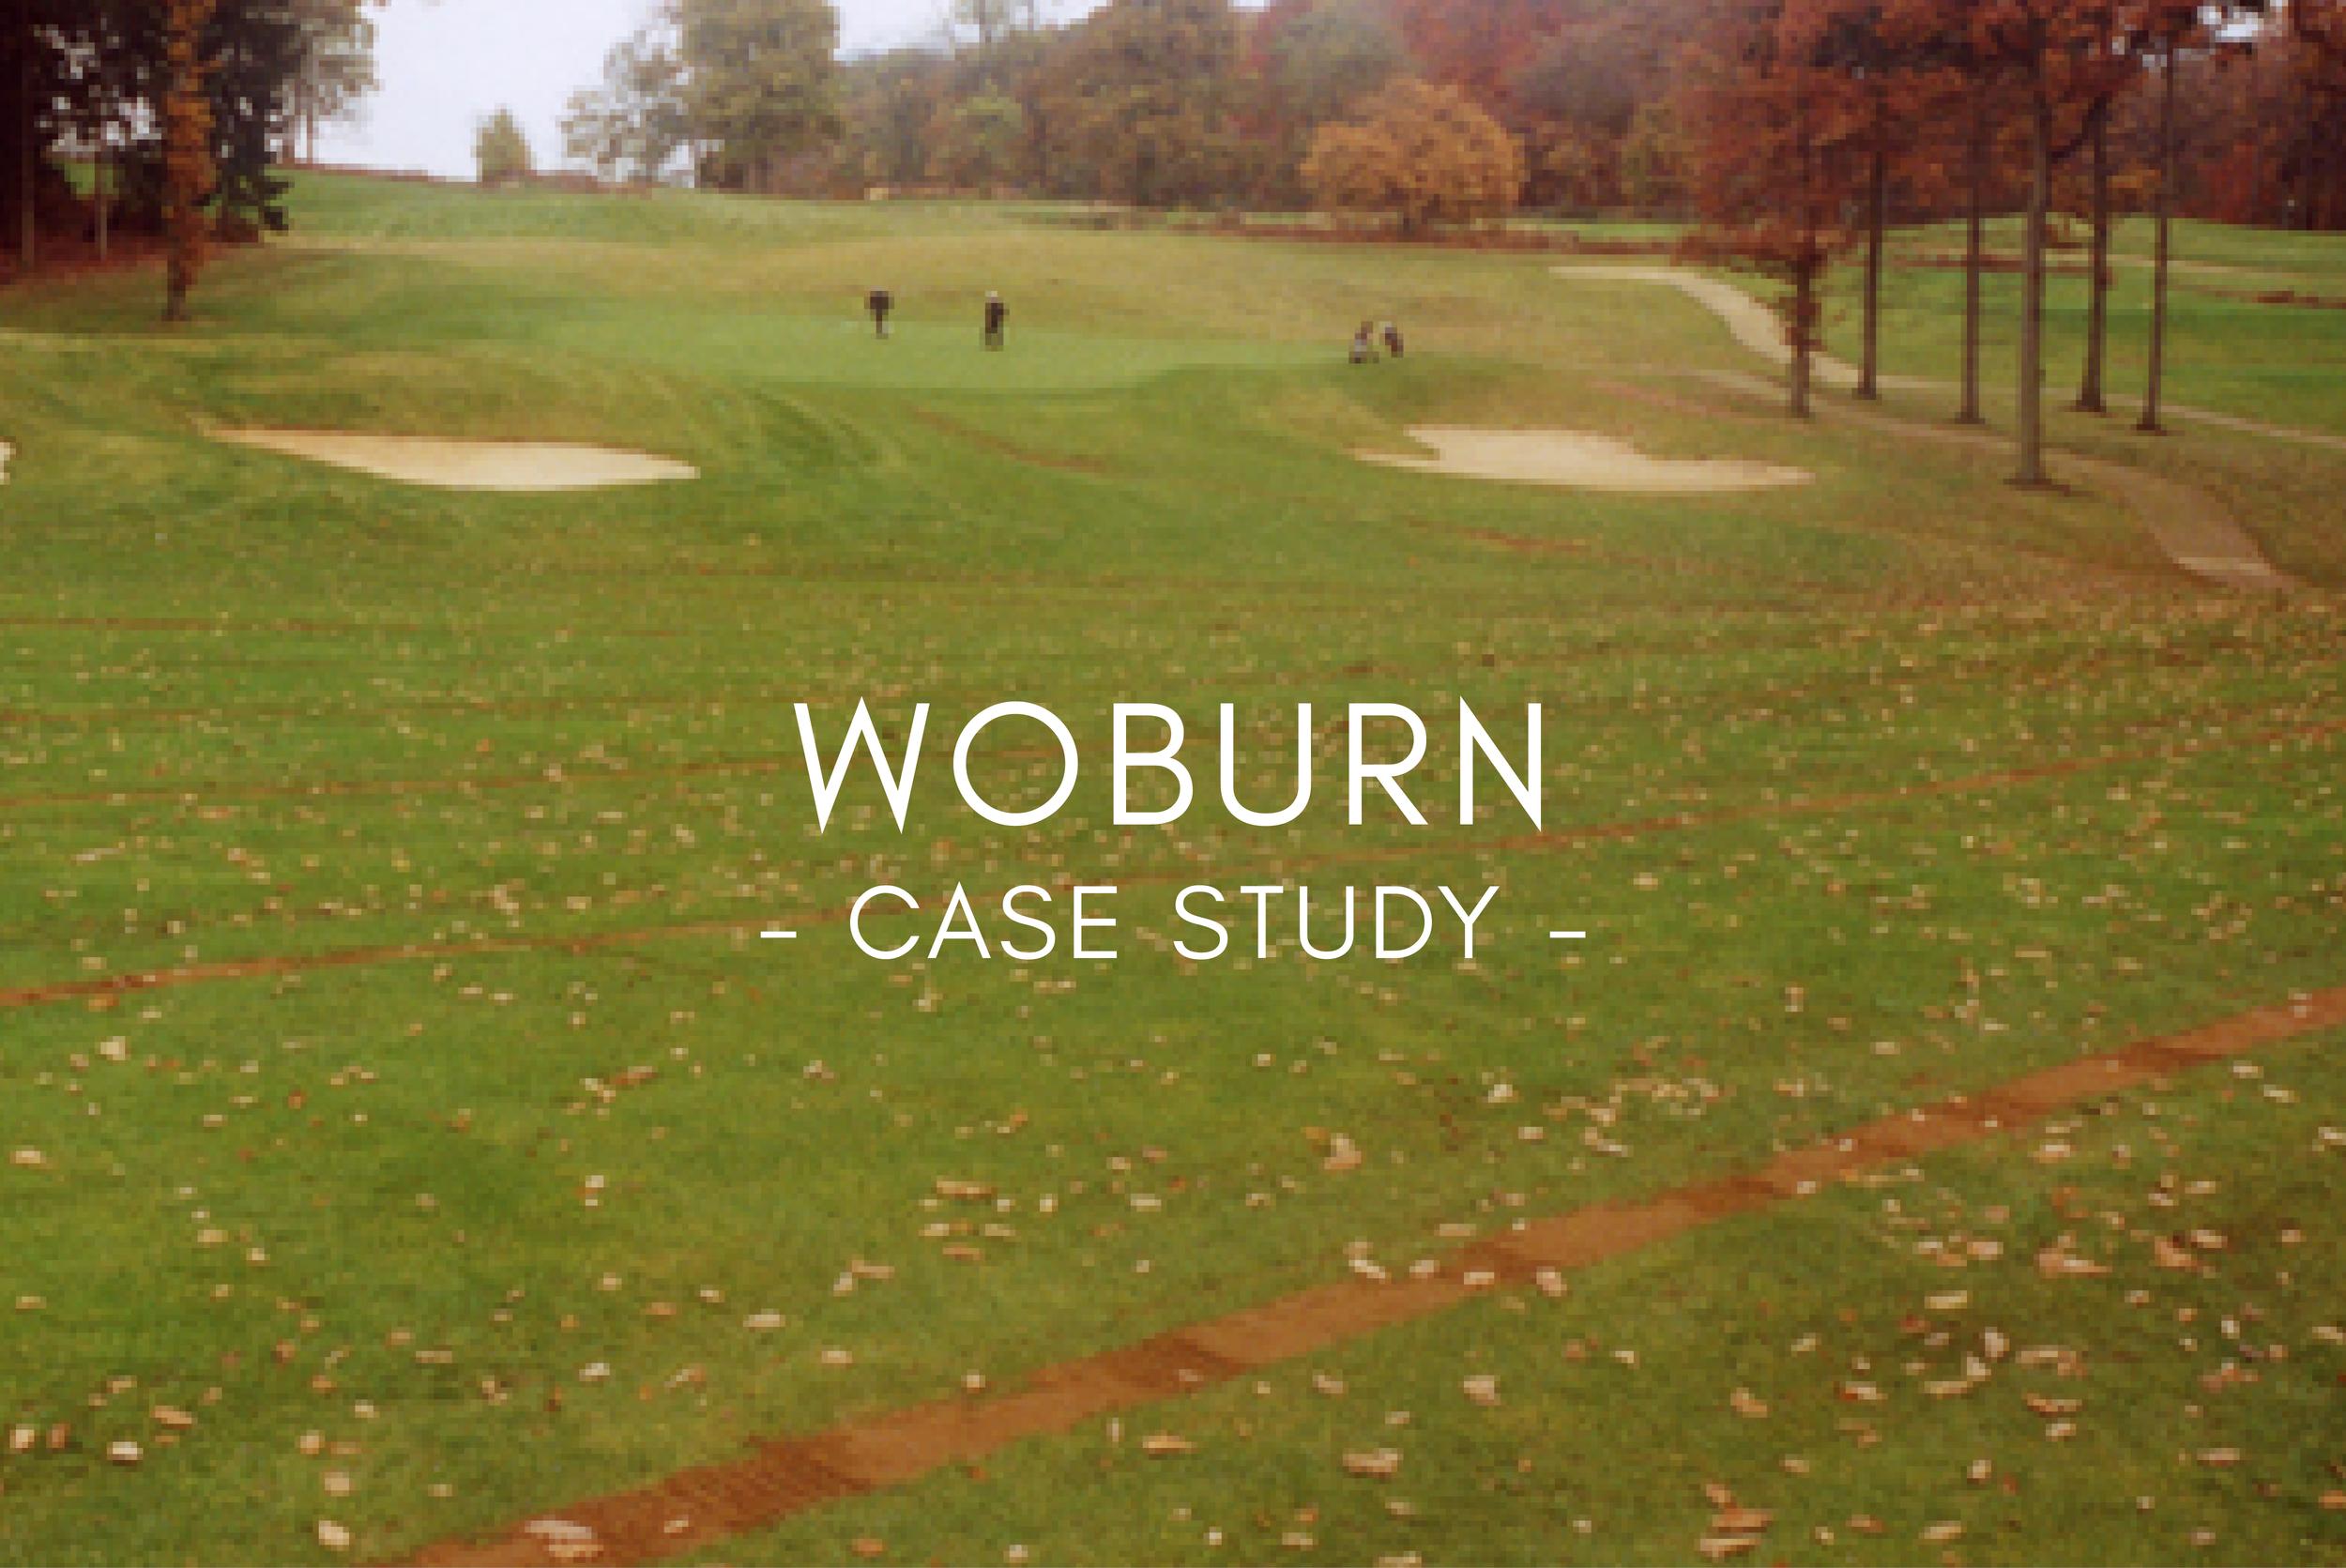 Woburn Golf Club - Case Study